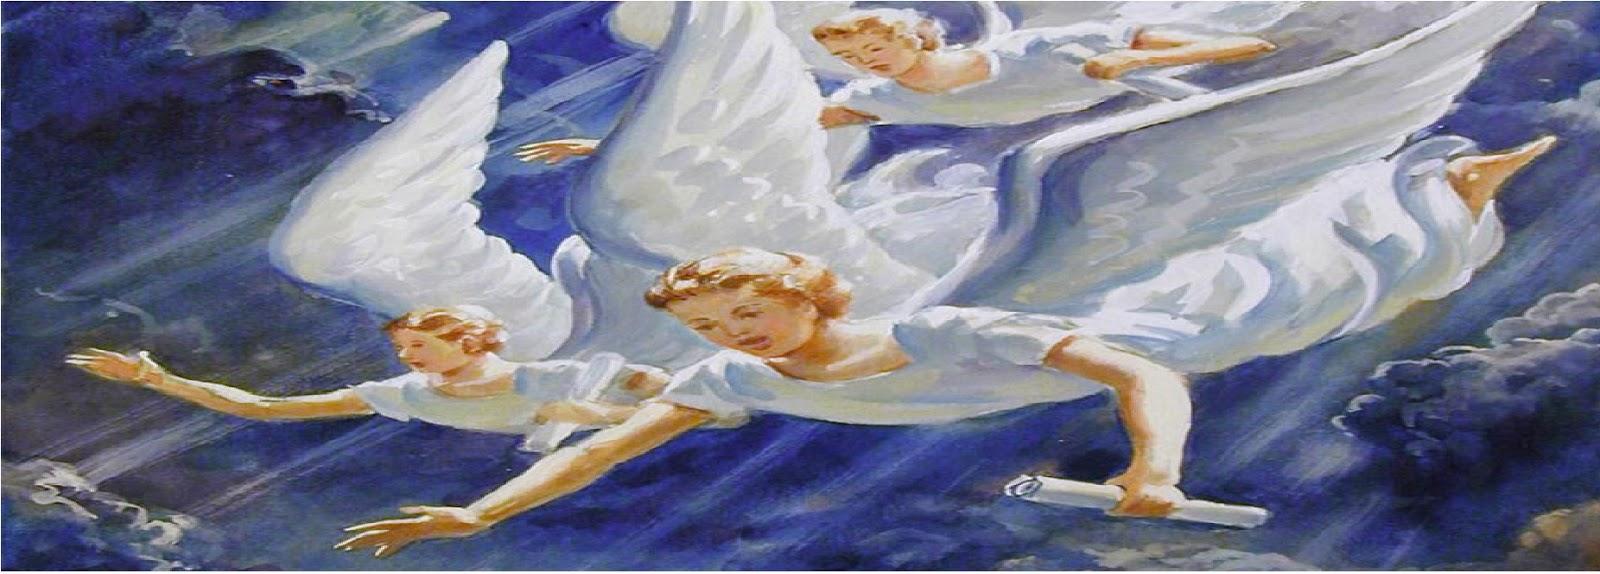 Los mensajes de Apocalipsis 14:6-12, constituyen una triple amonestación  del más profundo interés. EL MENSAJE DE LOS TRES ÁNGELES es la verdad  presente.